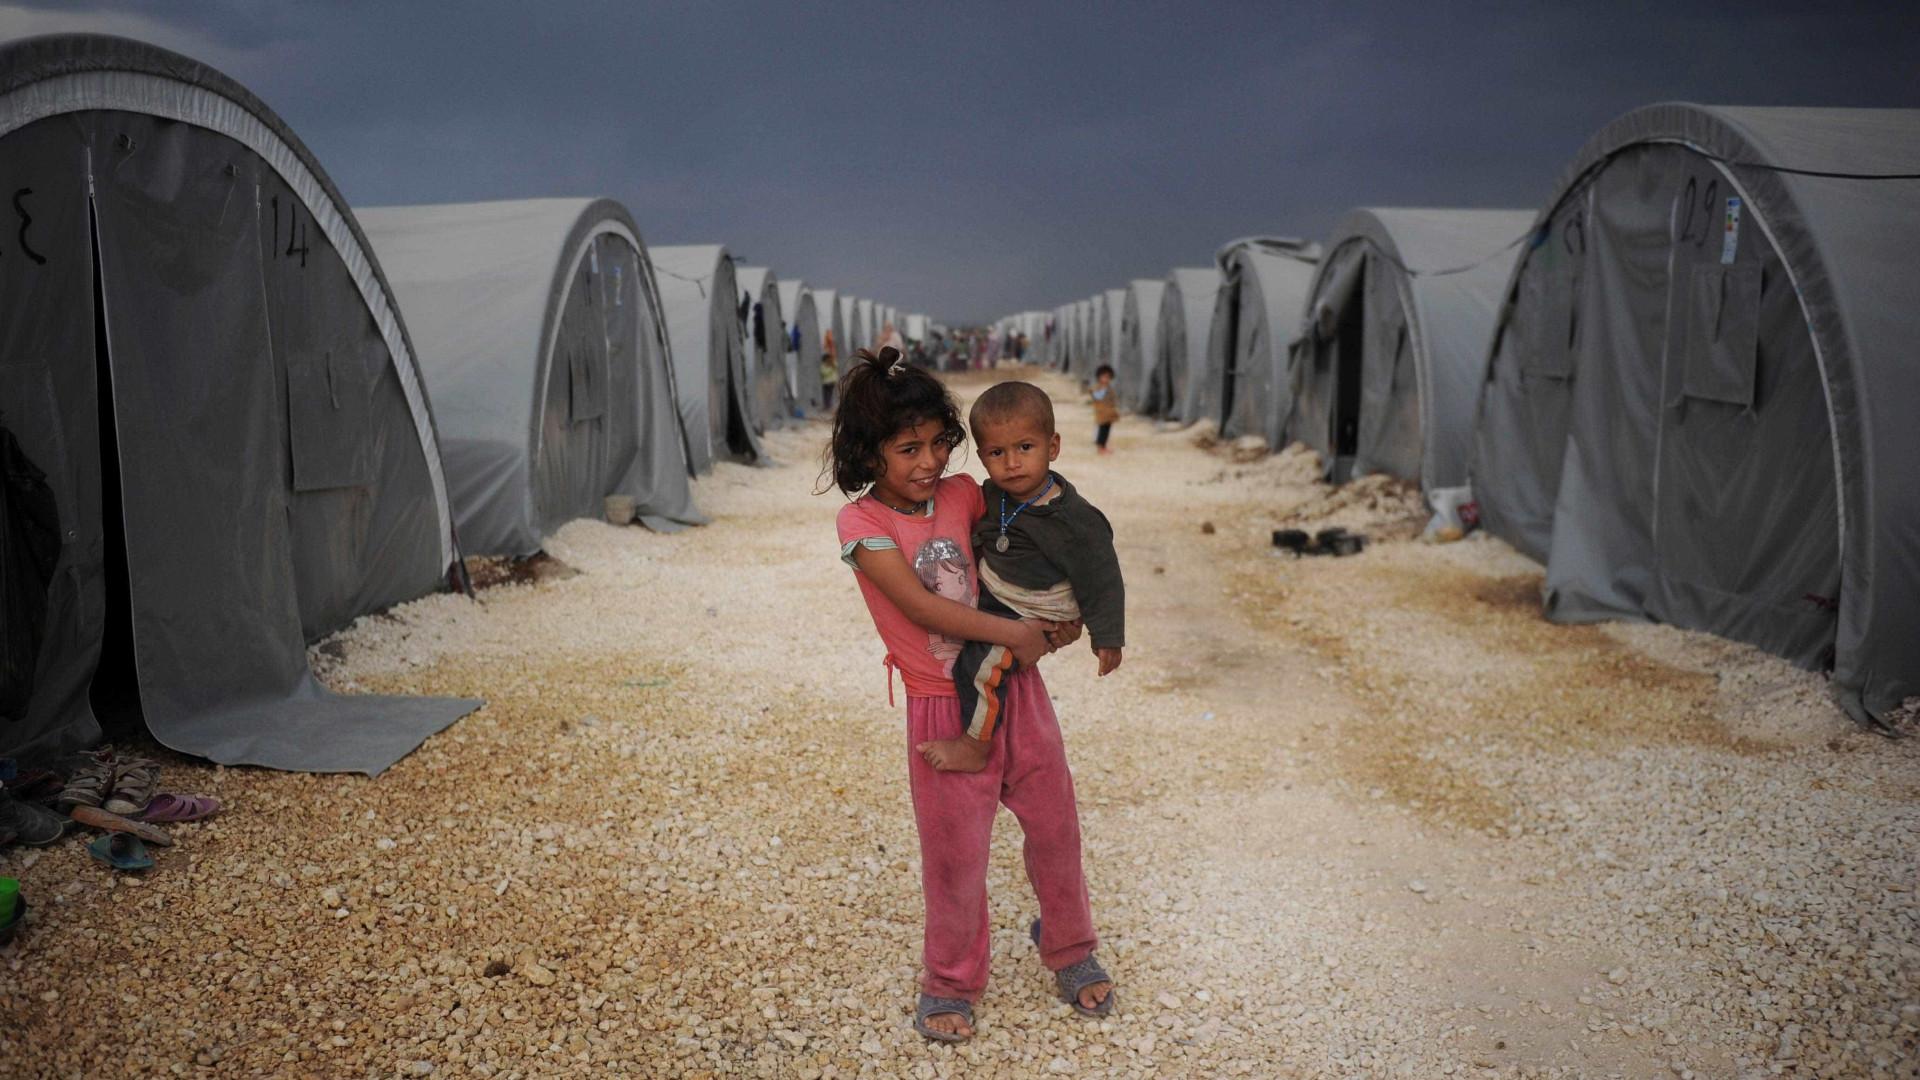 Turquia abre complexo para acolher órfãos sírios